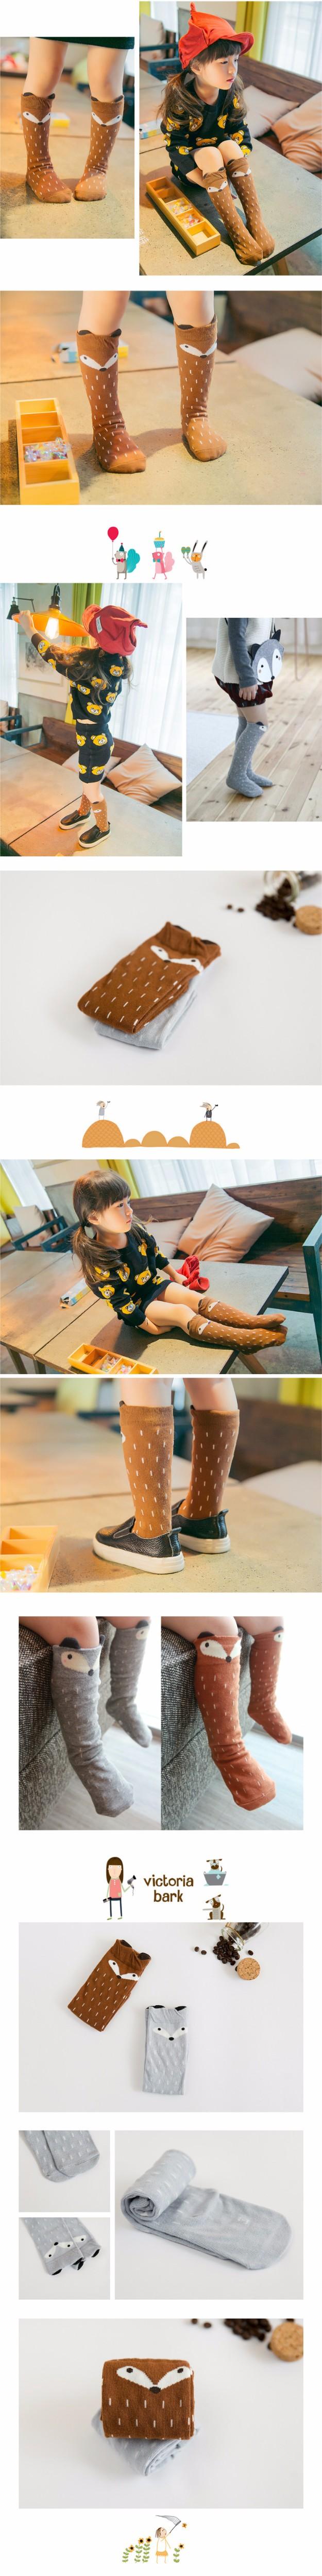 Детские носки meias малыш тоторо носки этаж sokken девушки колено высокие носки inflant ребенок мальчиков calcetines chaussette мейя enfants